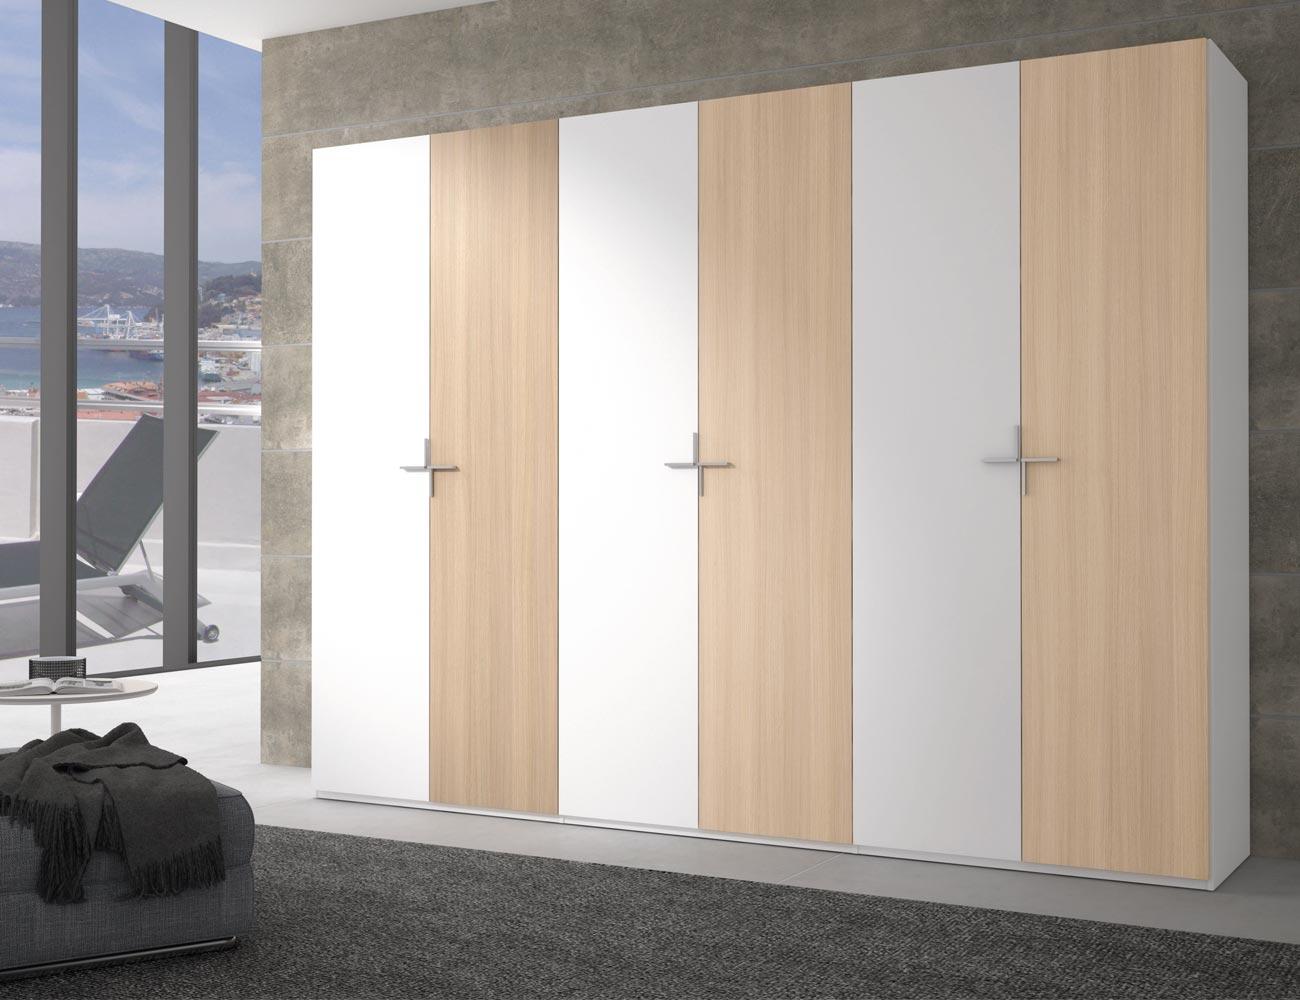 Armario puertas abatibles blanco roble6